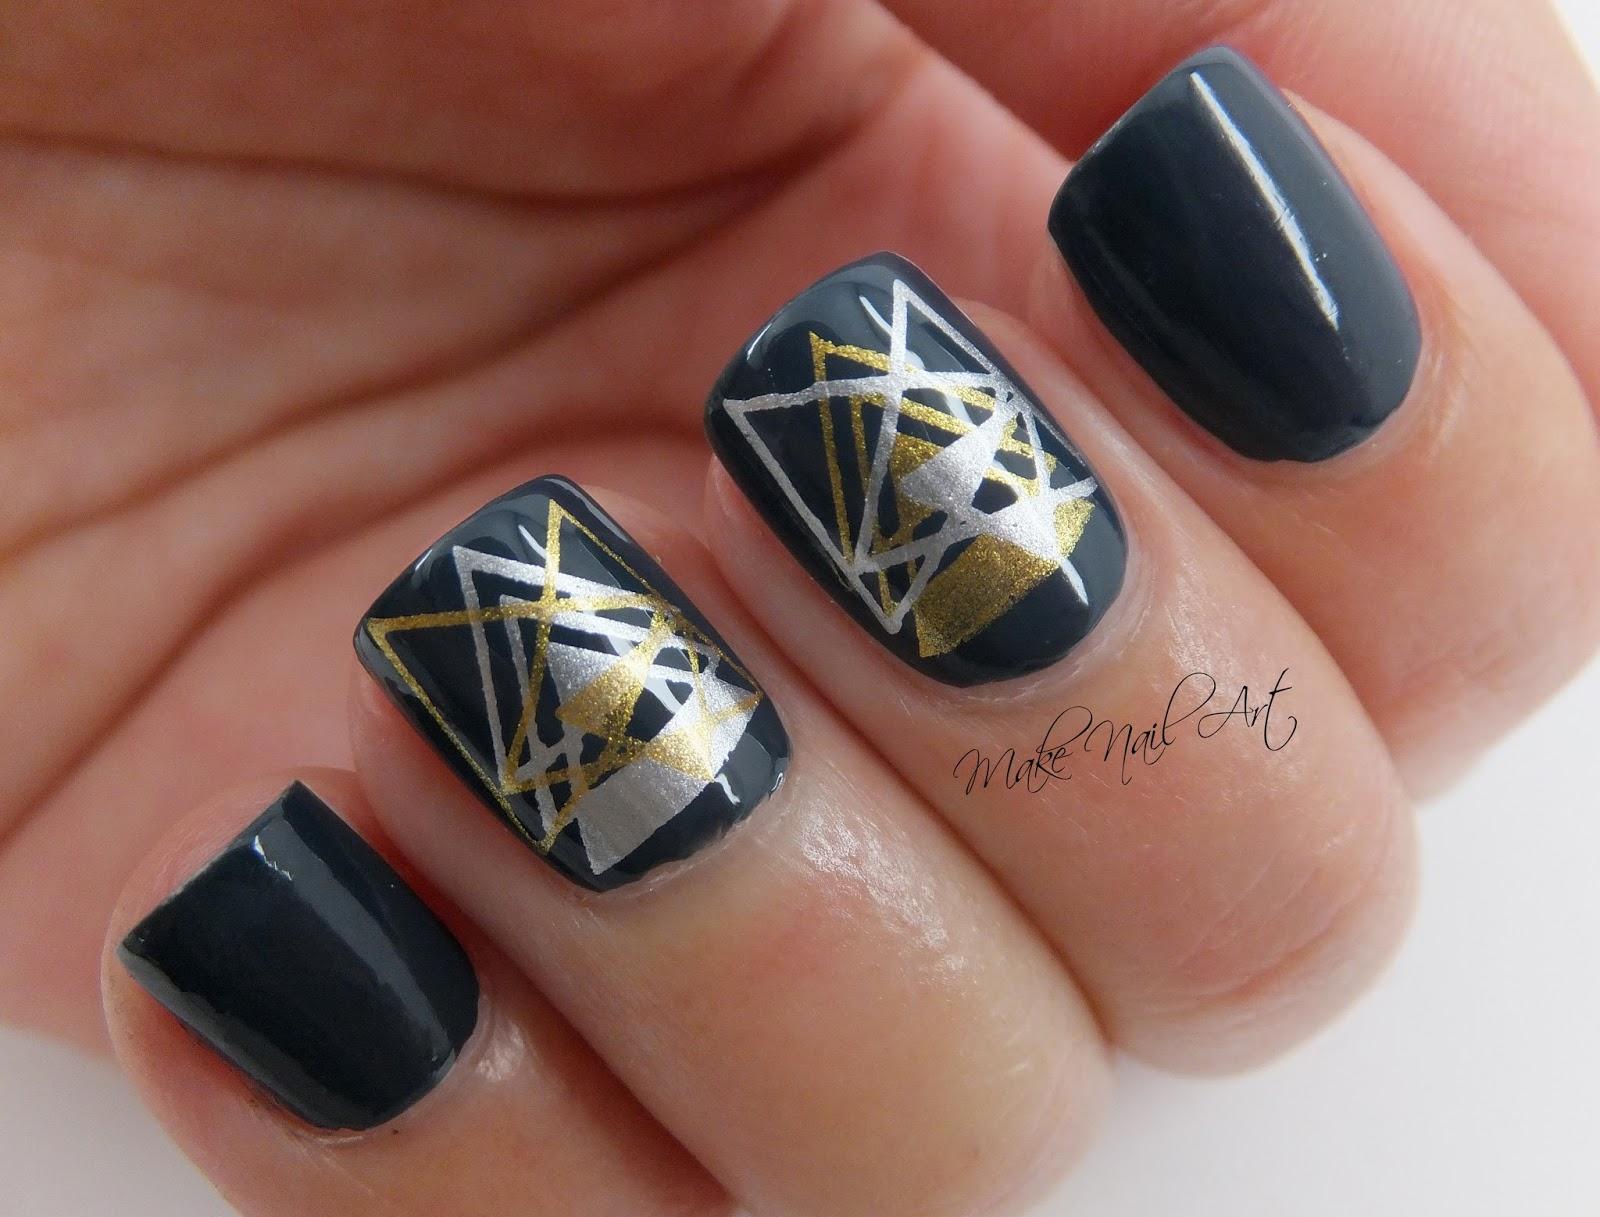 Make Nail Art Geometric Stamping Nails Nail Art Tutorial